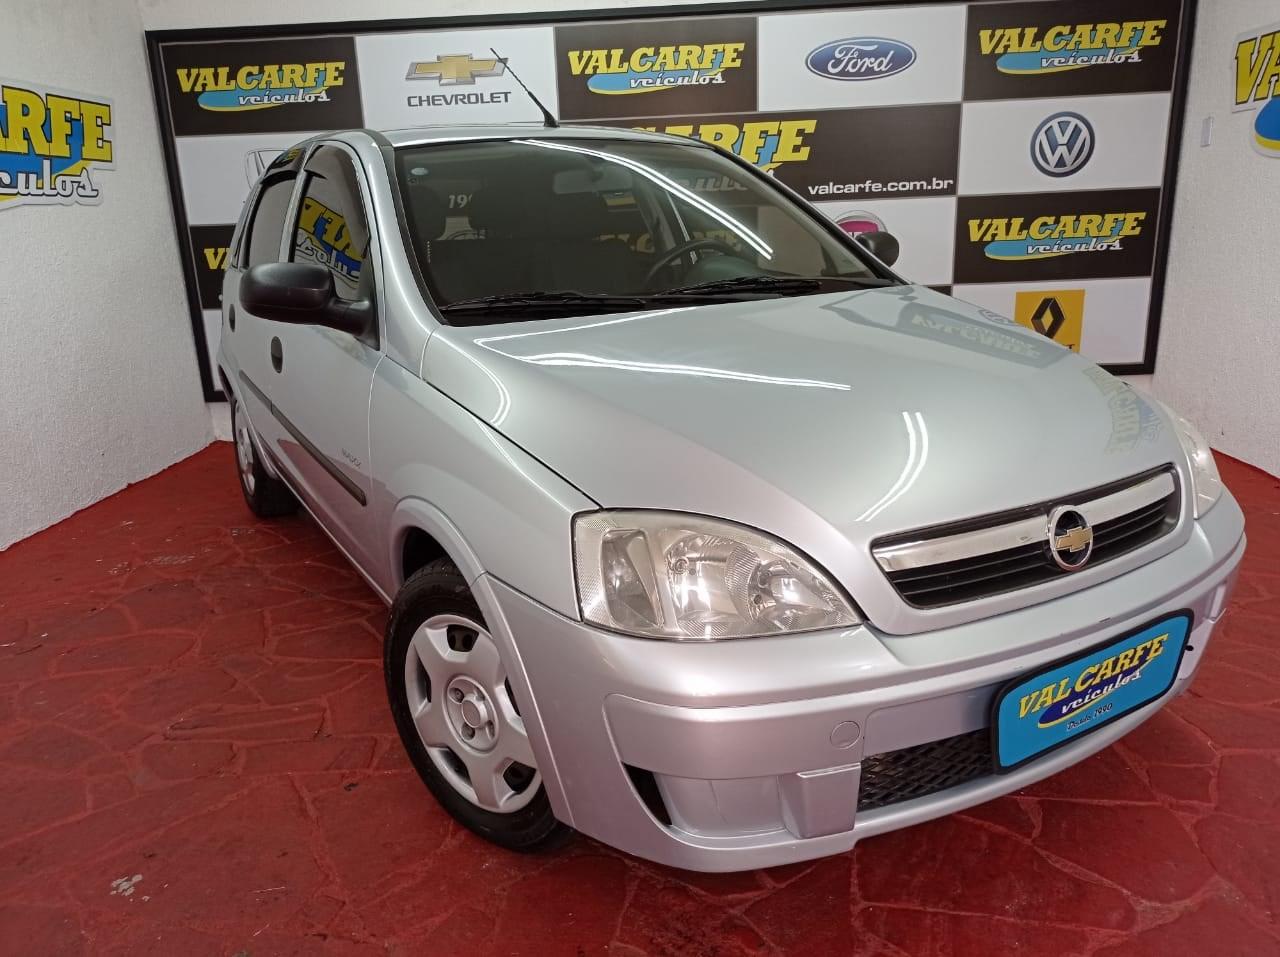 //www.autoline.com.br/carro/chevrolet/corsa-14-hatch-maxx-8v-flex-4p-manual/2009/campinas-sp/14072601